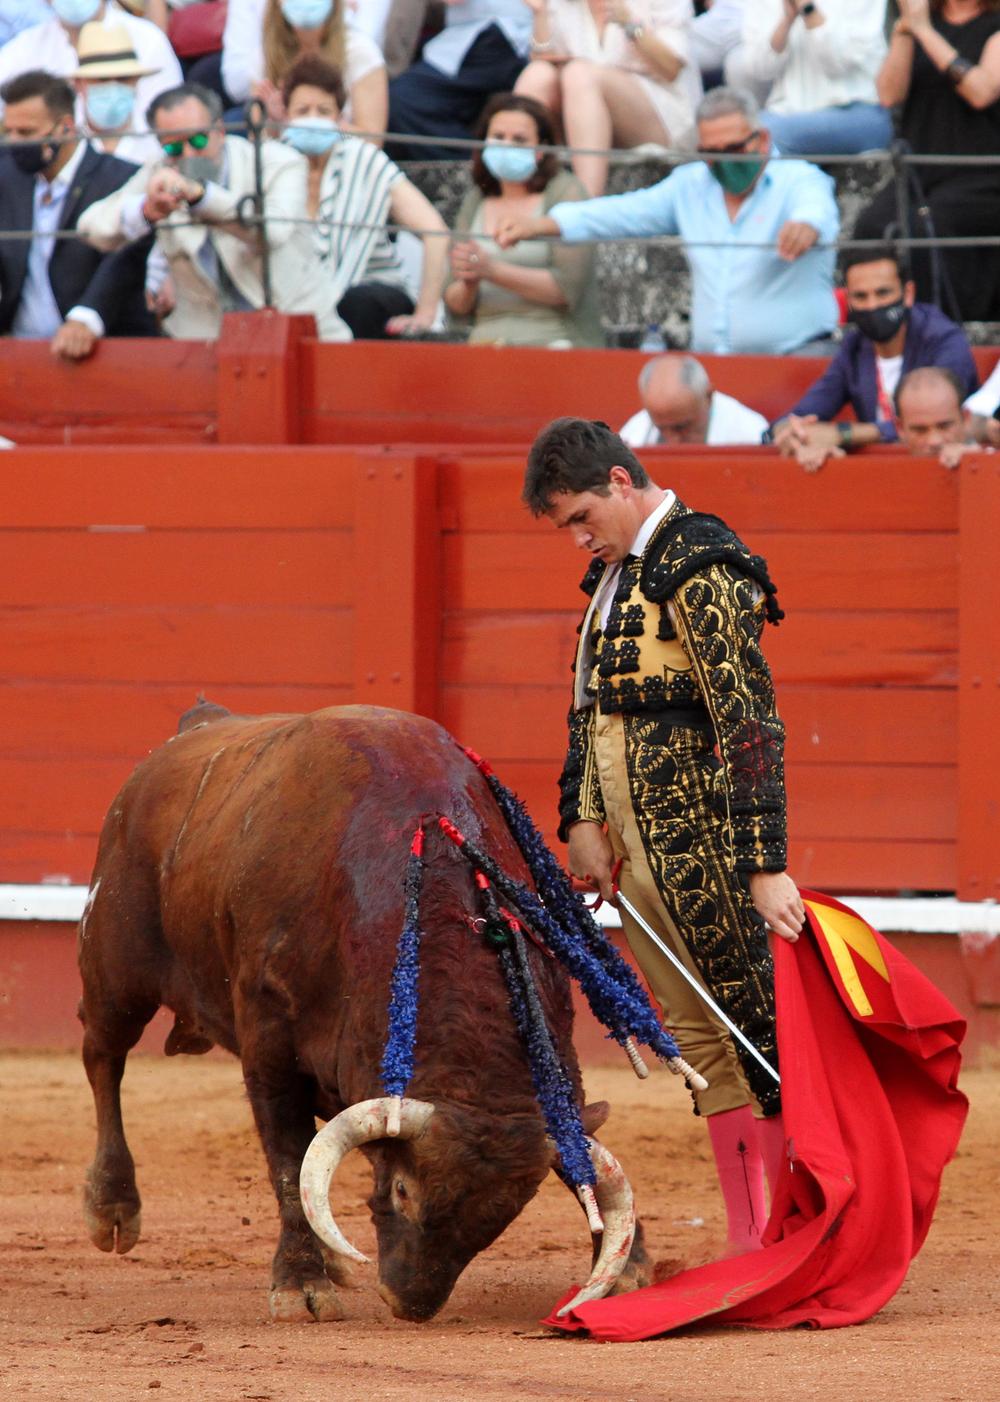 La magia del toreo surge en Aranjuez